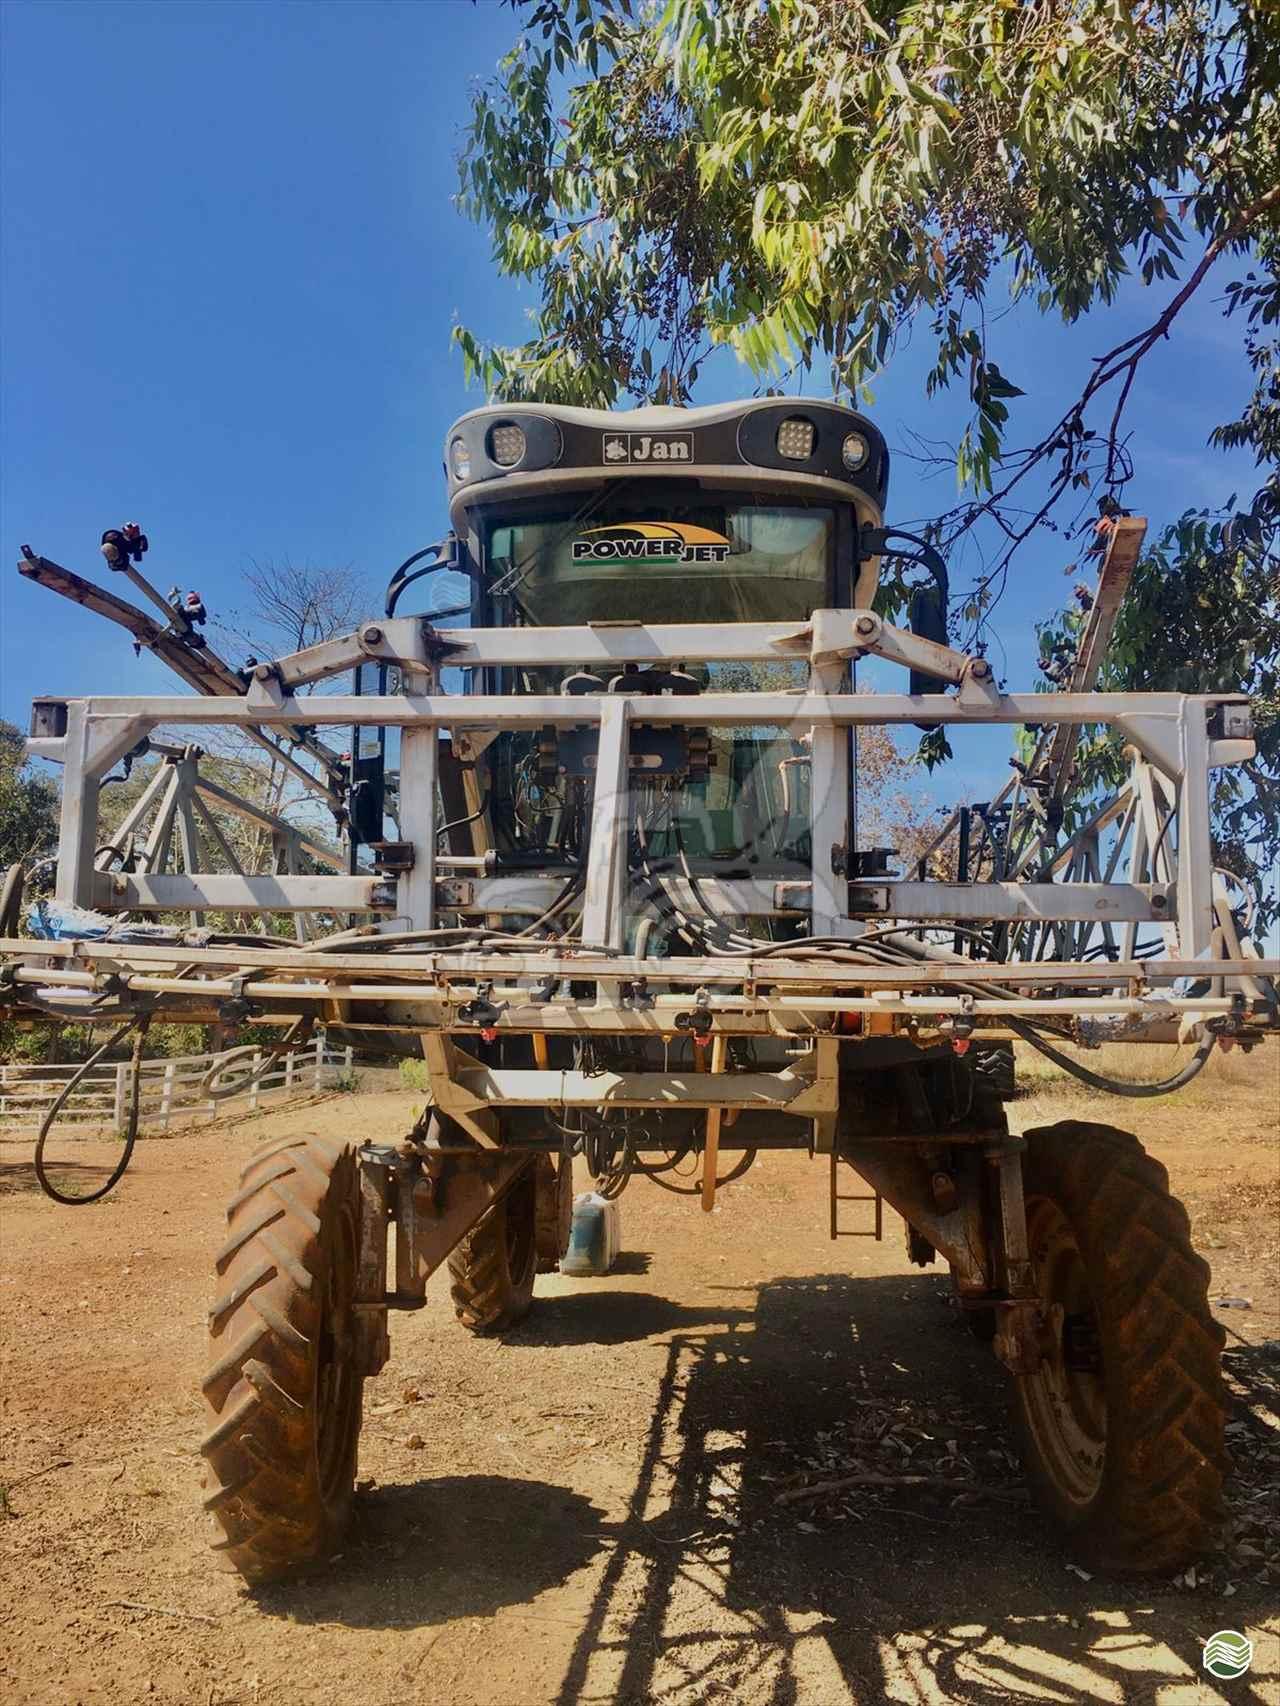 PULVERIZADOR JAN POWER JET 2500 Tração 4x2 EP Máquinas e Implementos Agrícolas CRISTALINA GOIAS GO